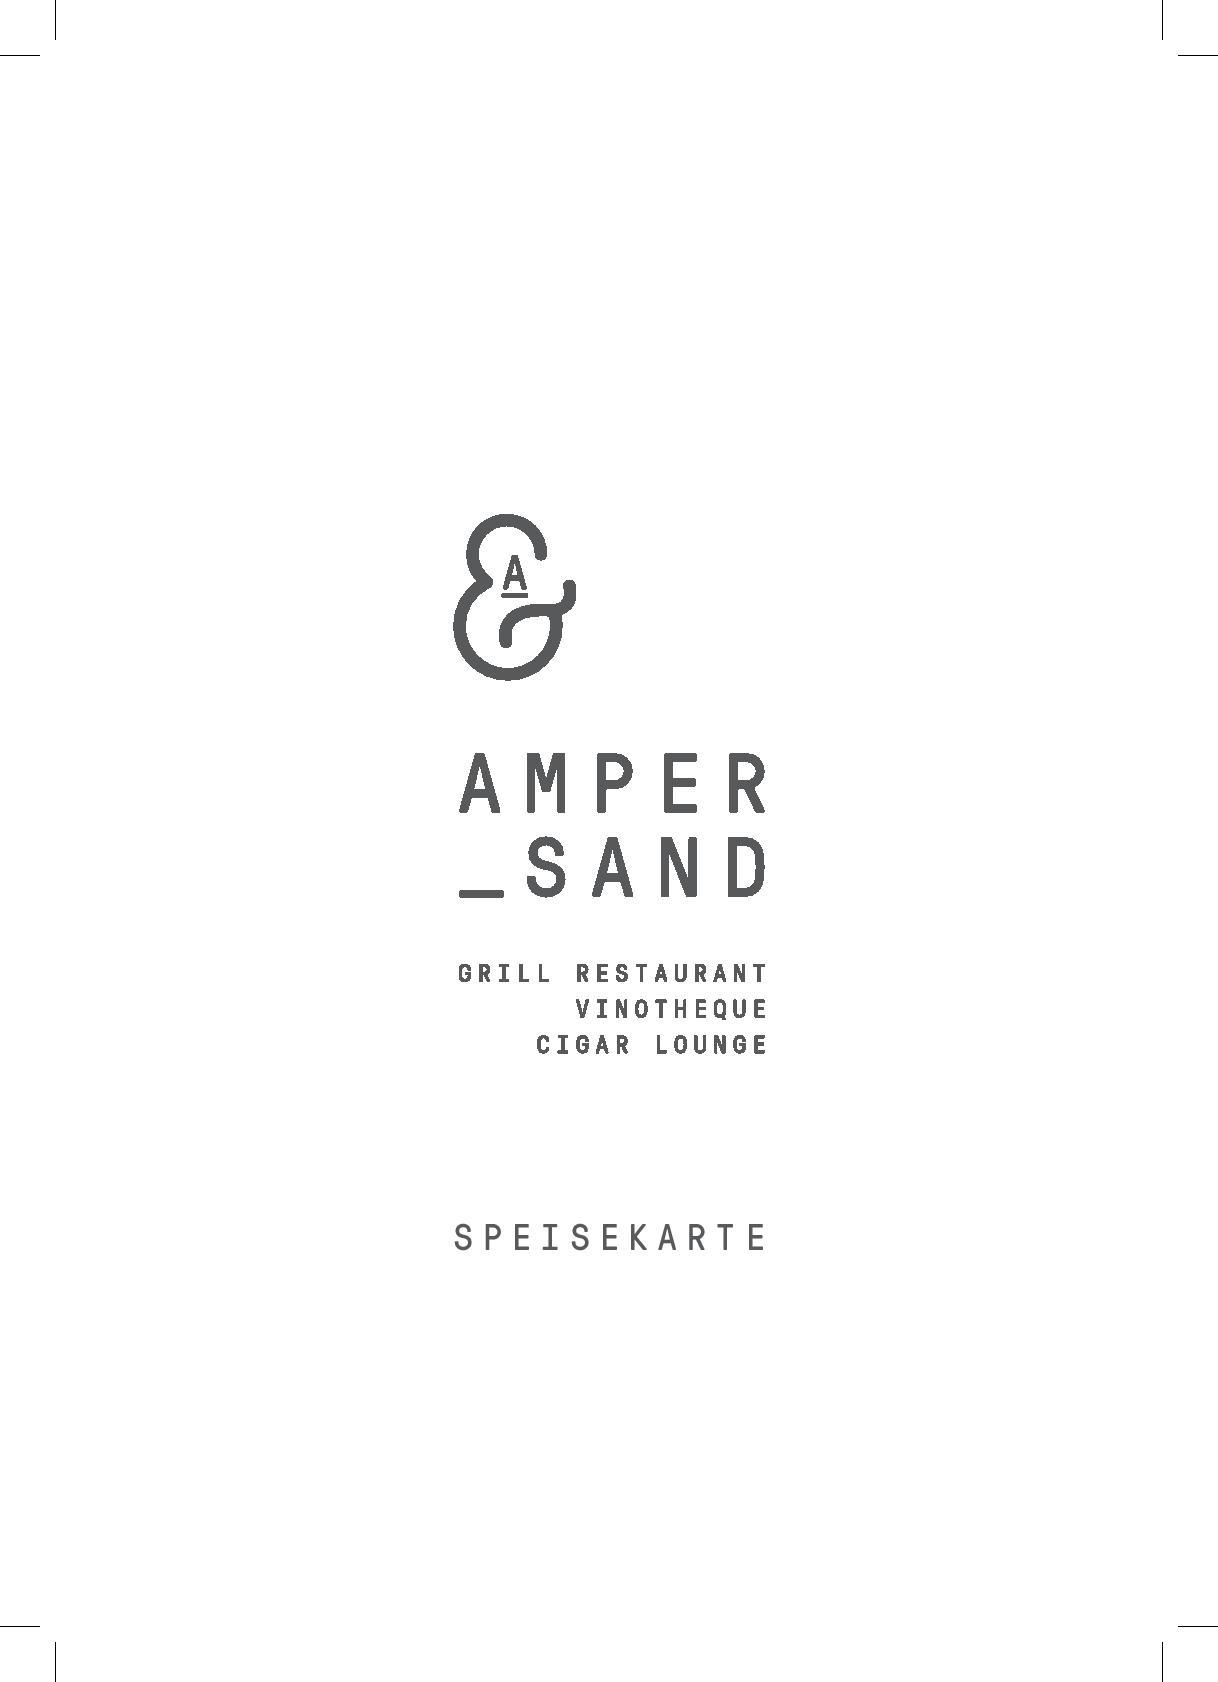 Restaurant ampersand grill bar in lucerne stand 15 09 2017 ein service von www suissegourmet ch alle angaben ohne gewähr